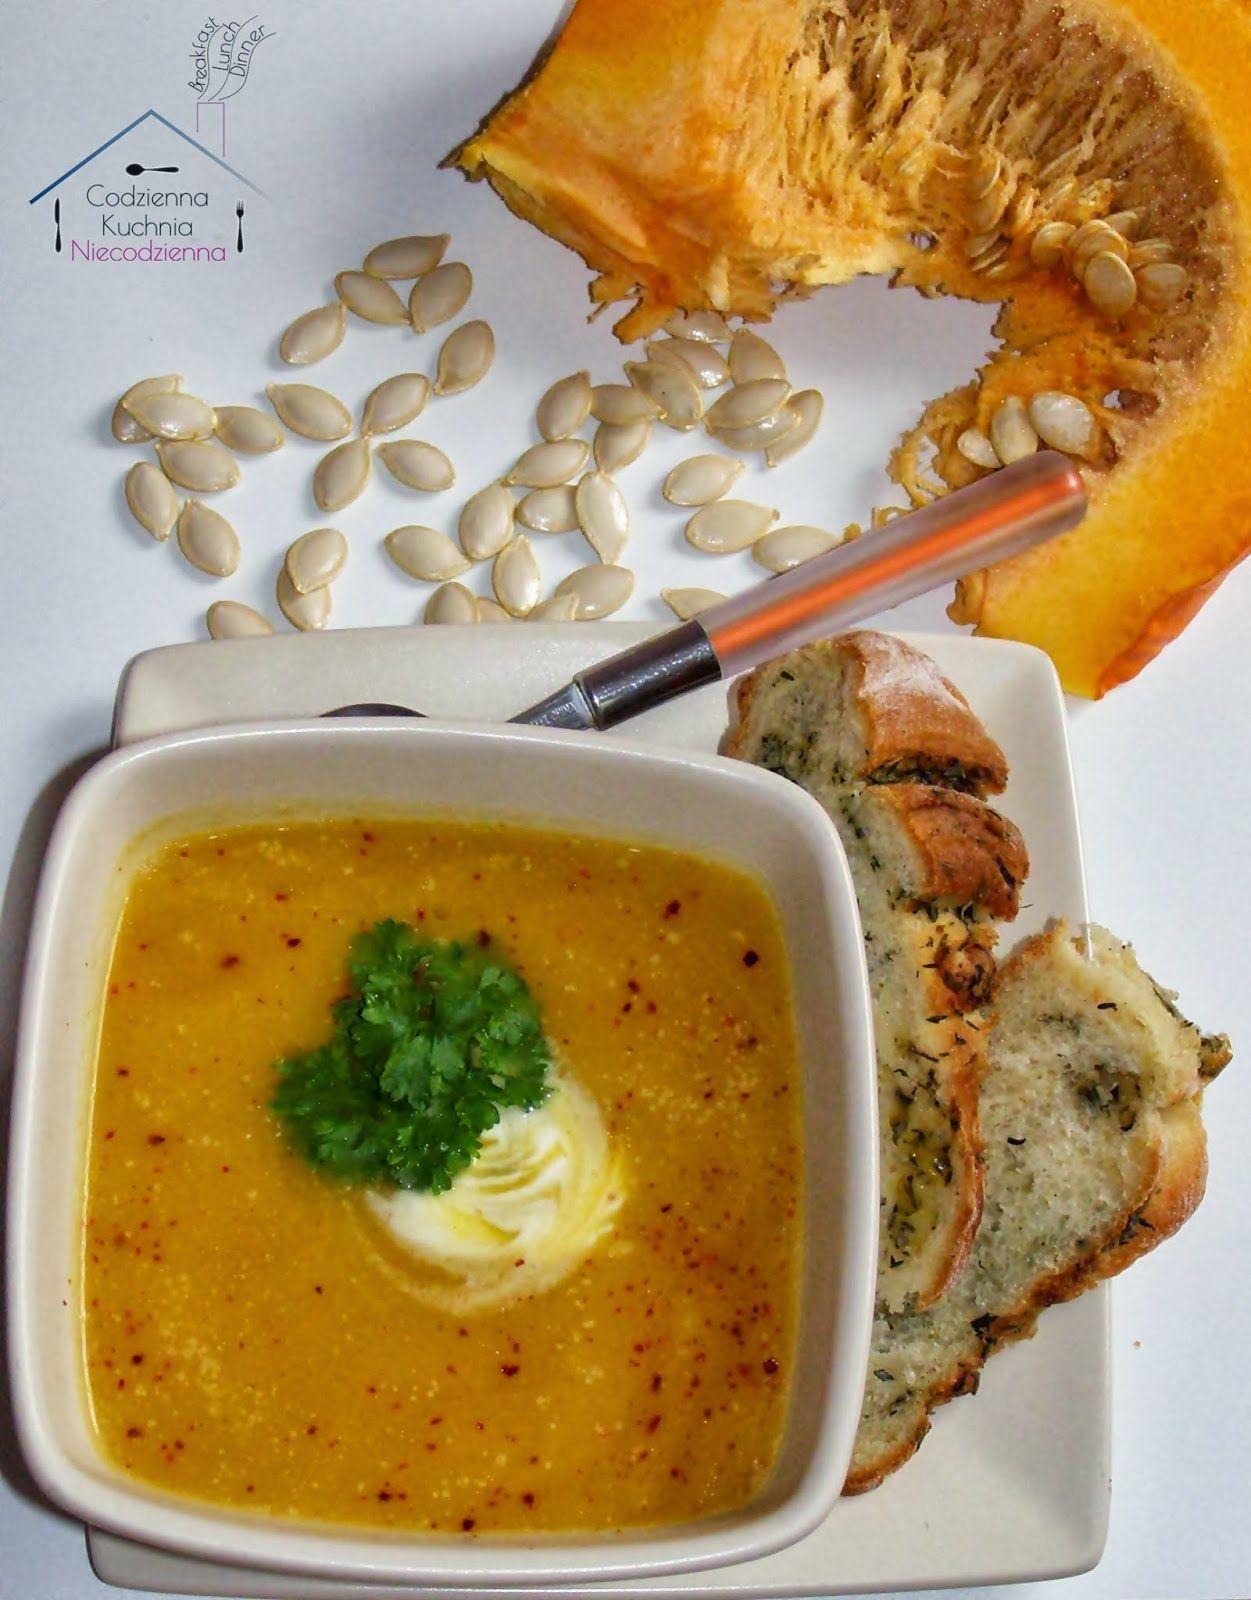 Daylicooking Blog Kulinarny Sprawdzone I Proste Przepisy Fotografia Kulinarna Zupa Dyniowa Z Imbirem Soup Recipes Healthy Eating Food